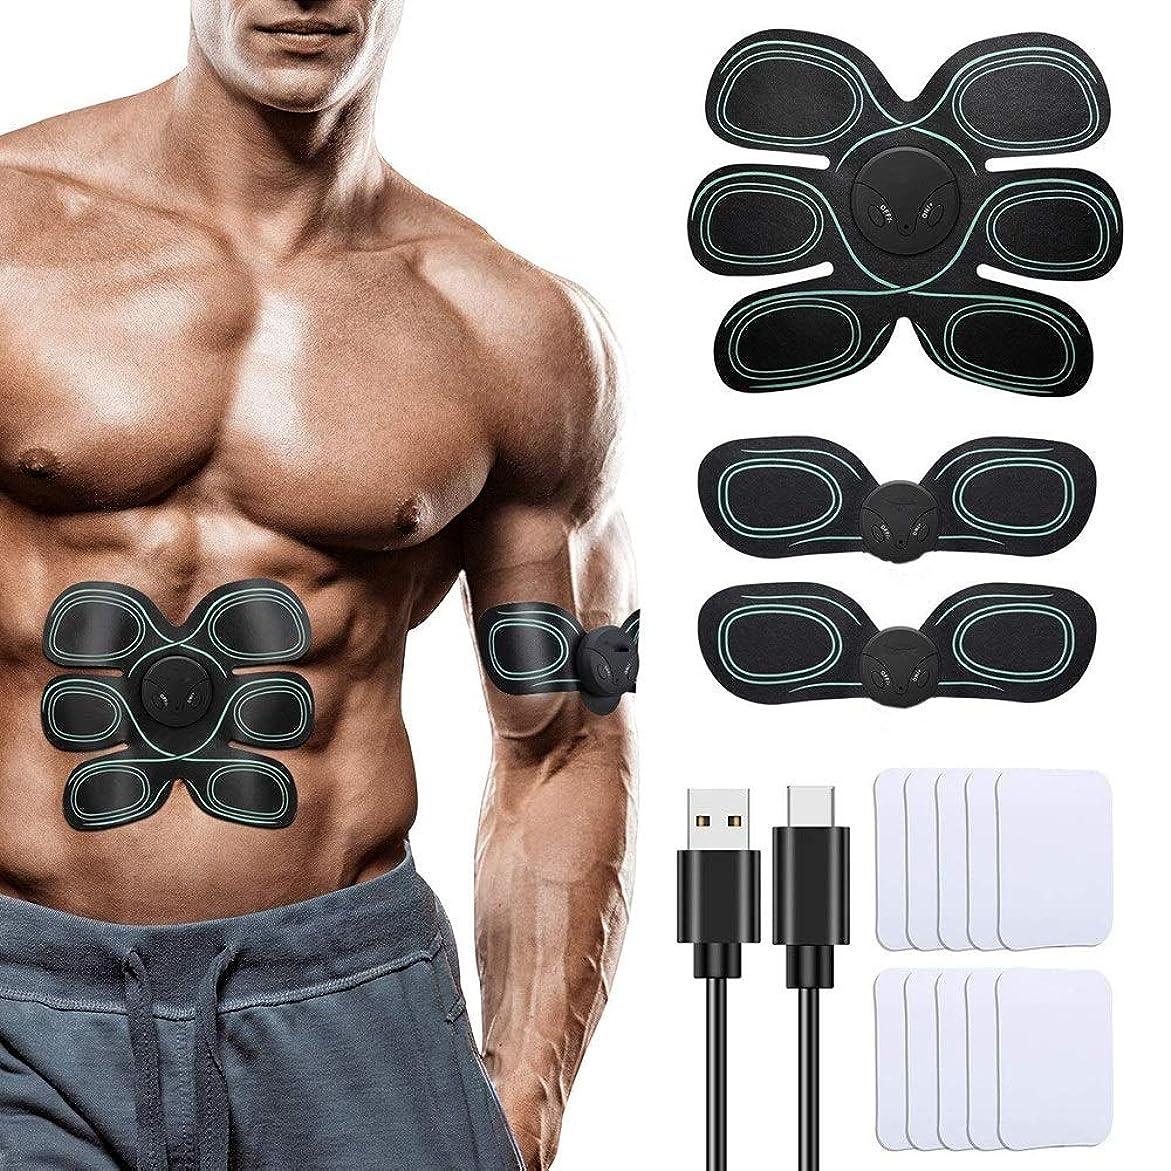 眩惑する踏みつけタブレットEMS筋肉フィットネストレーナー、8ブロック腹部トレーニング&脂肪燃焼脚エクササイズUSB充電式8モード10機能サポートBelt&12パッドホームスリミング男性と女性に適しています